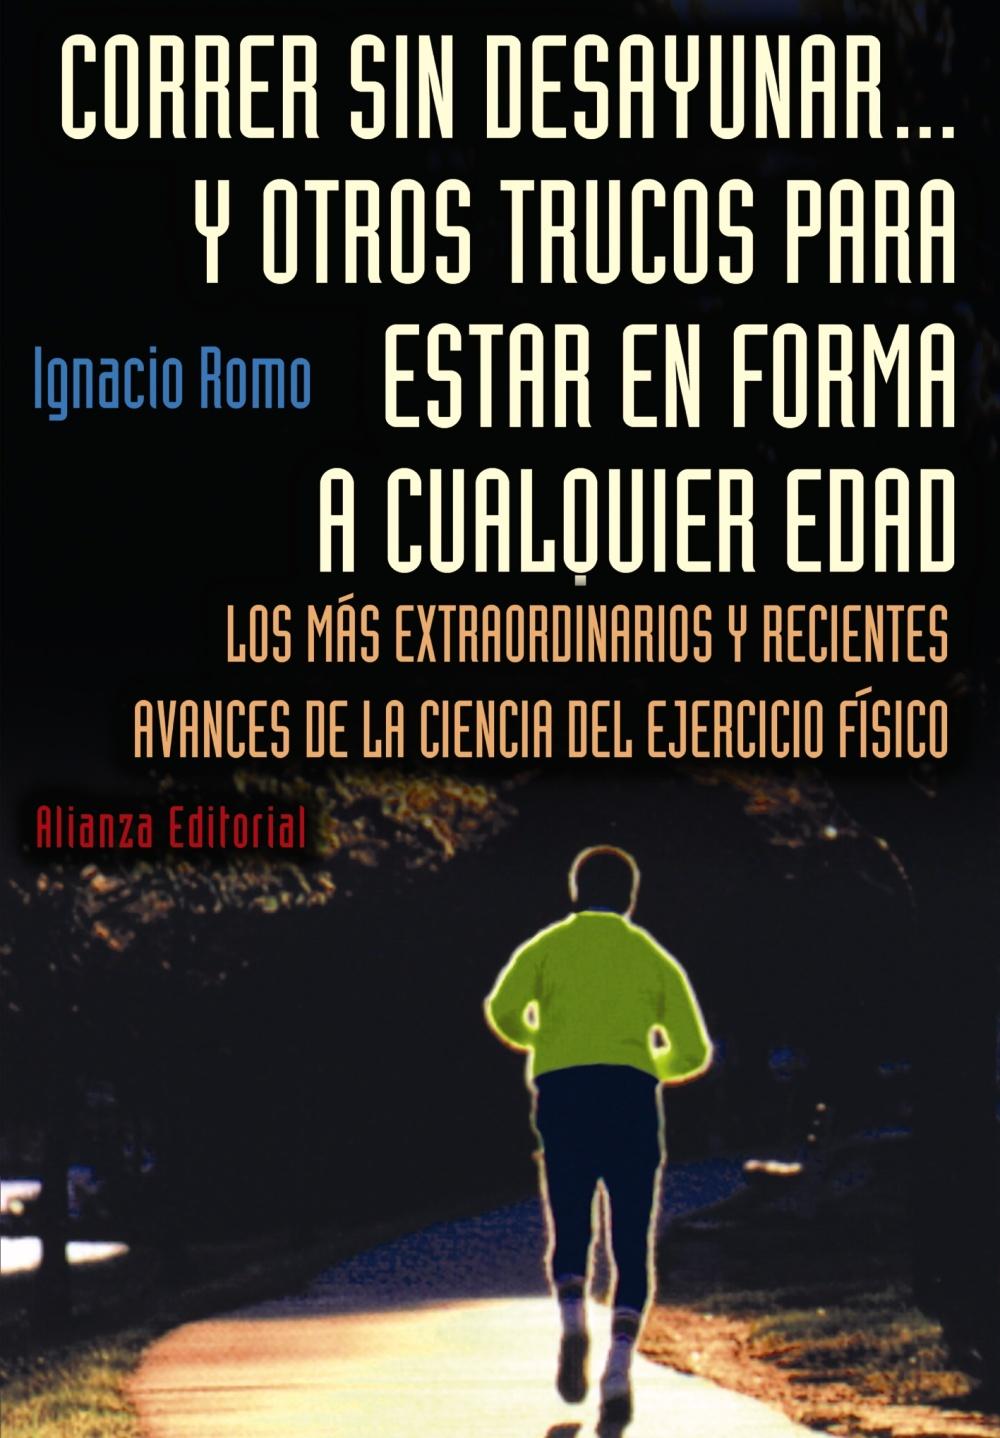 CORRER SIN DESAYUNAR-- Y OTROS TRUCOS PARA ESTAR EN FORMA A CUALQUIER